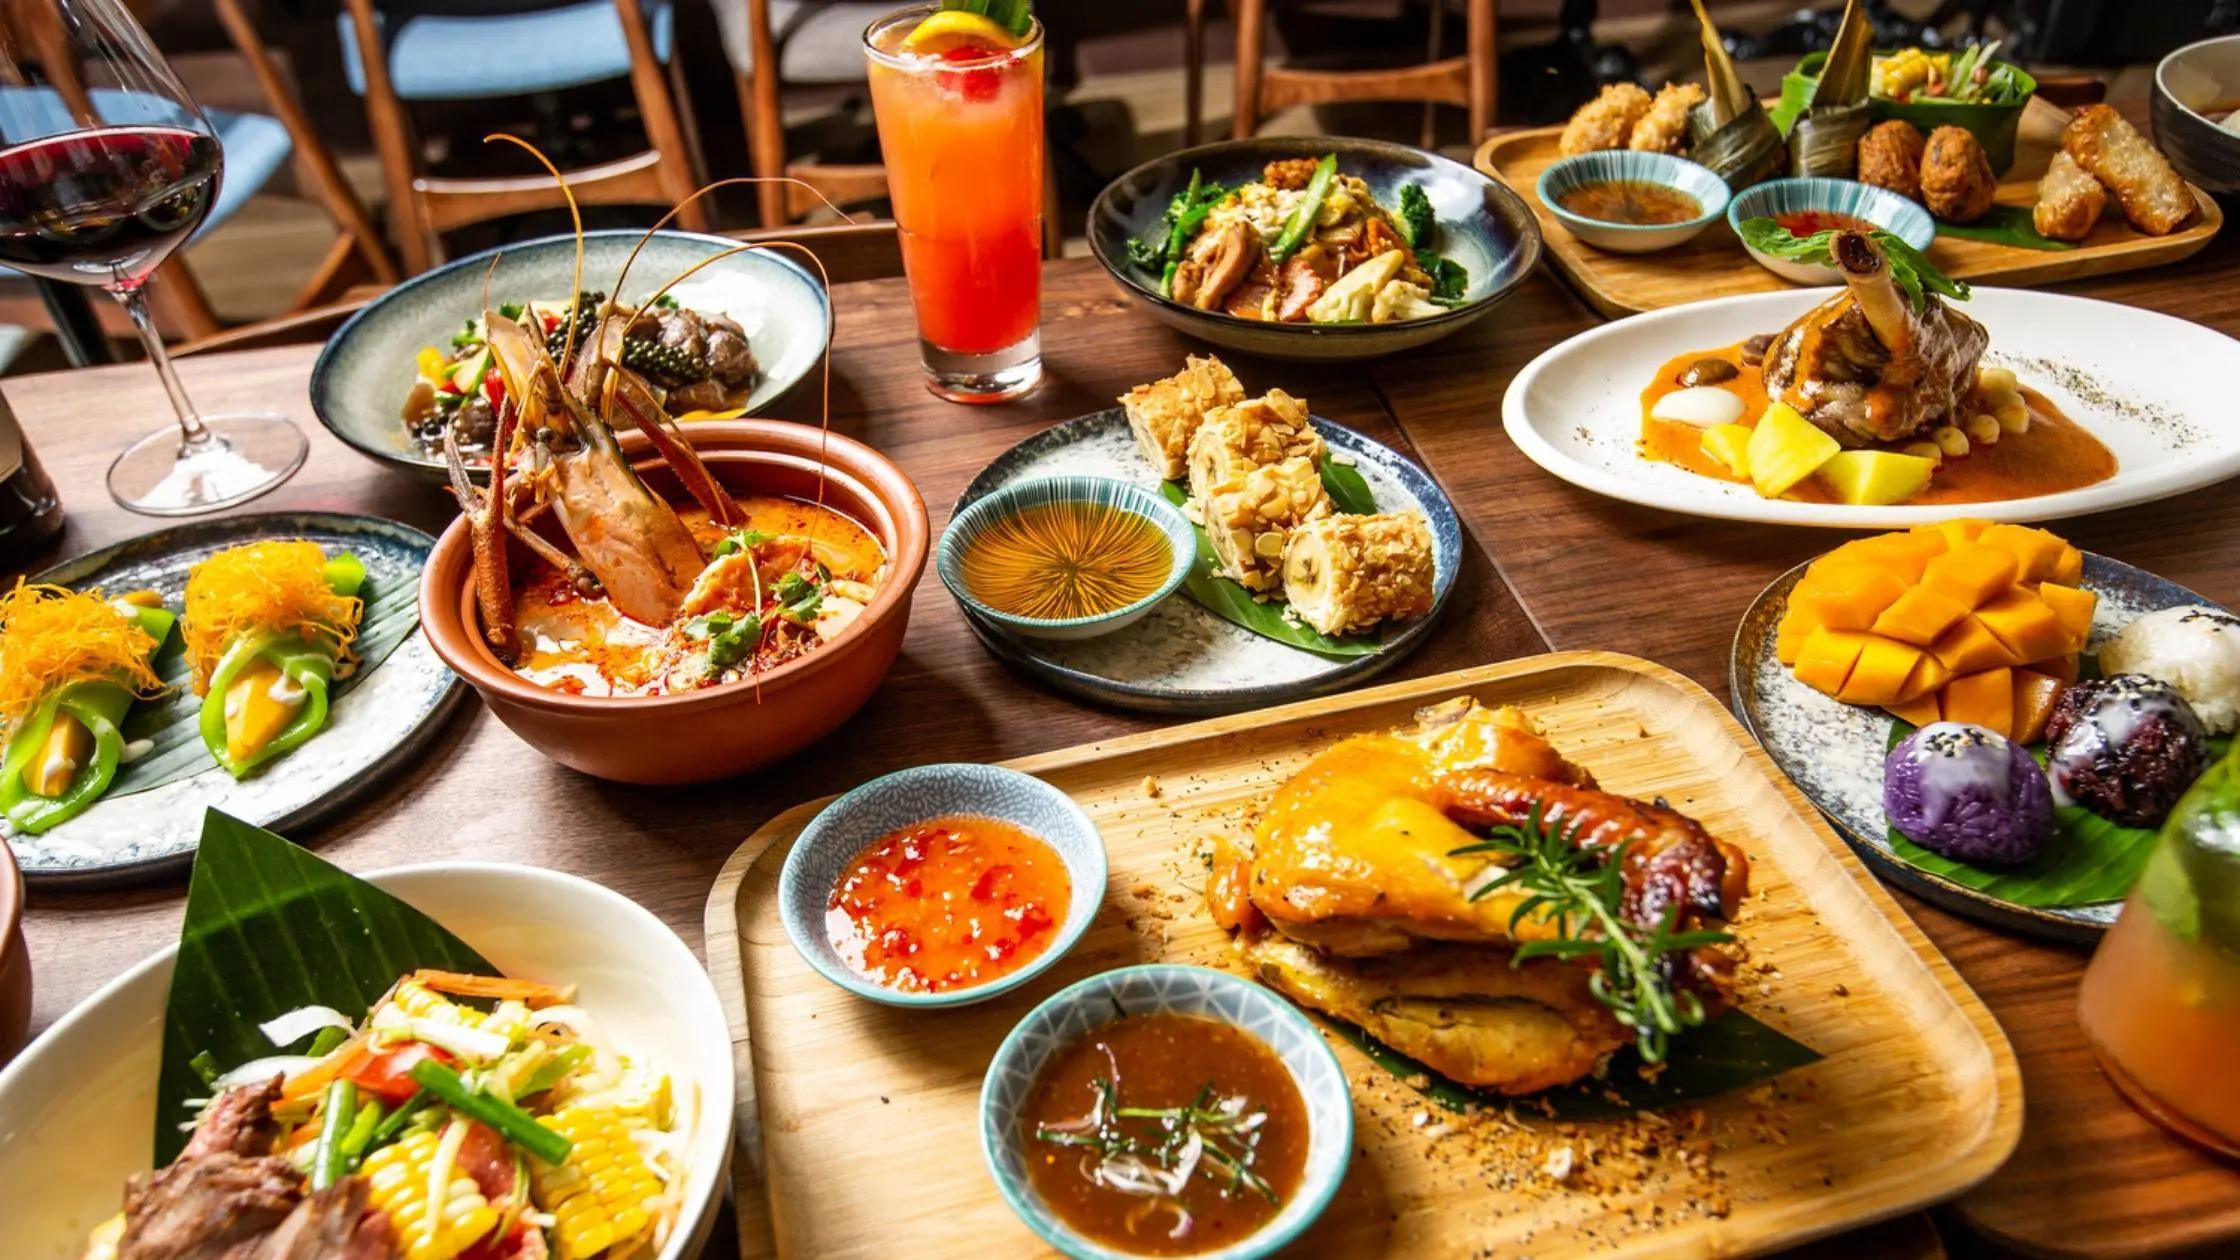 Signature Dishes of Mint Basil hong kong